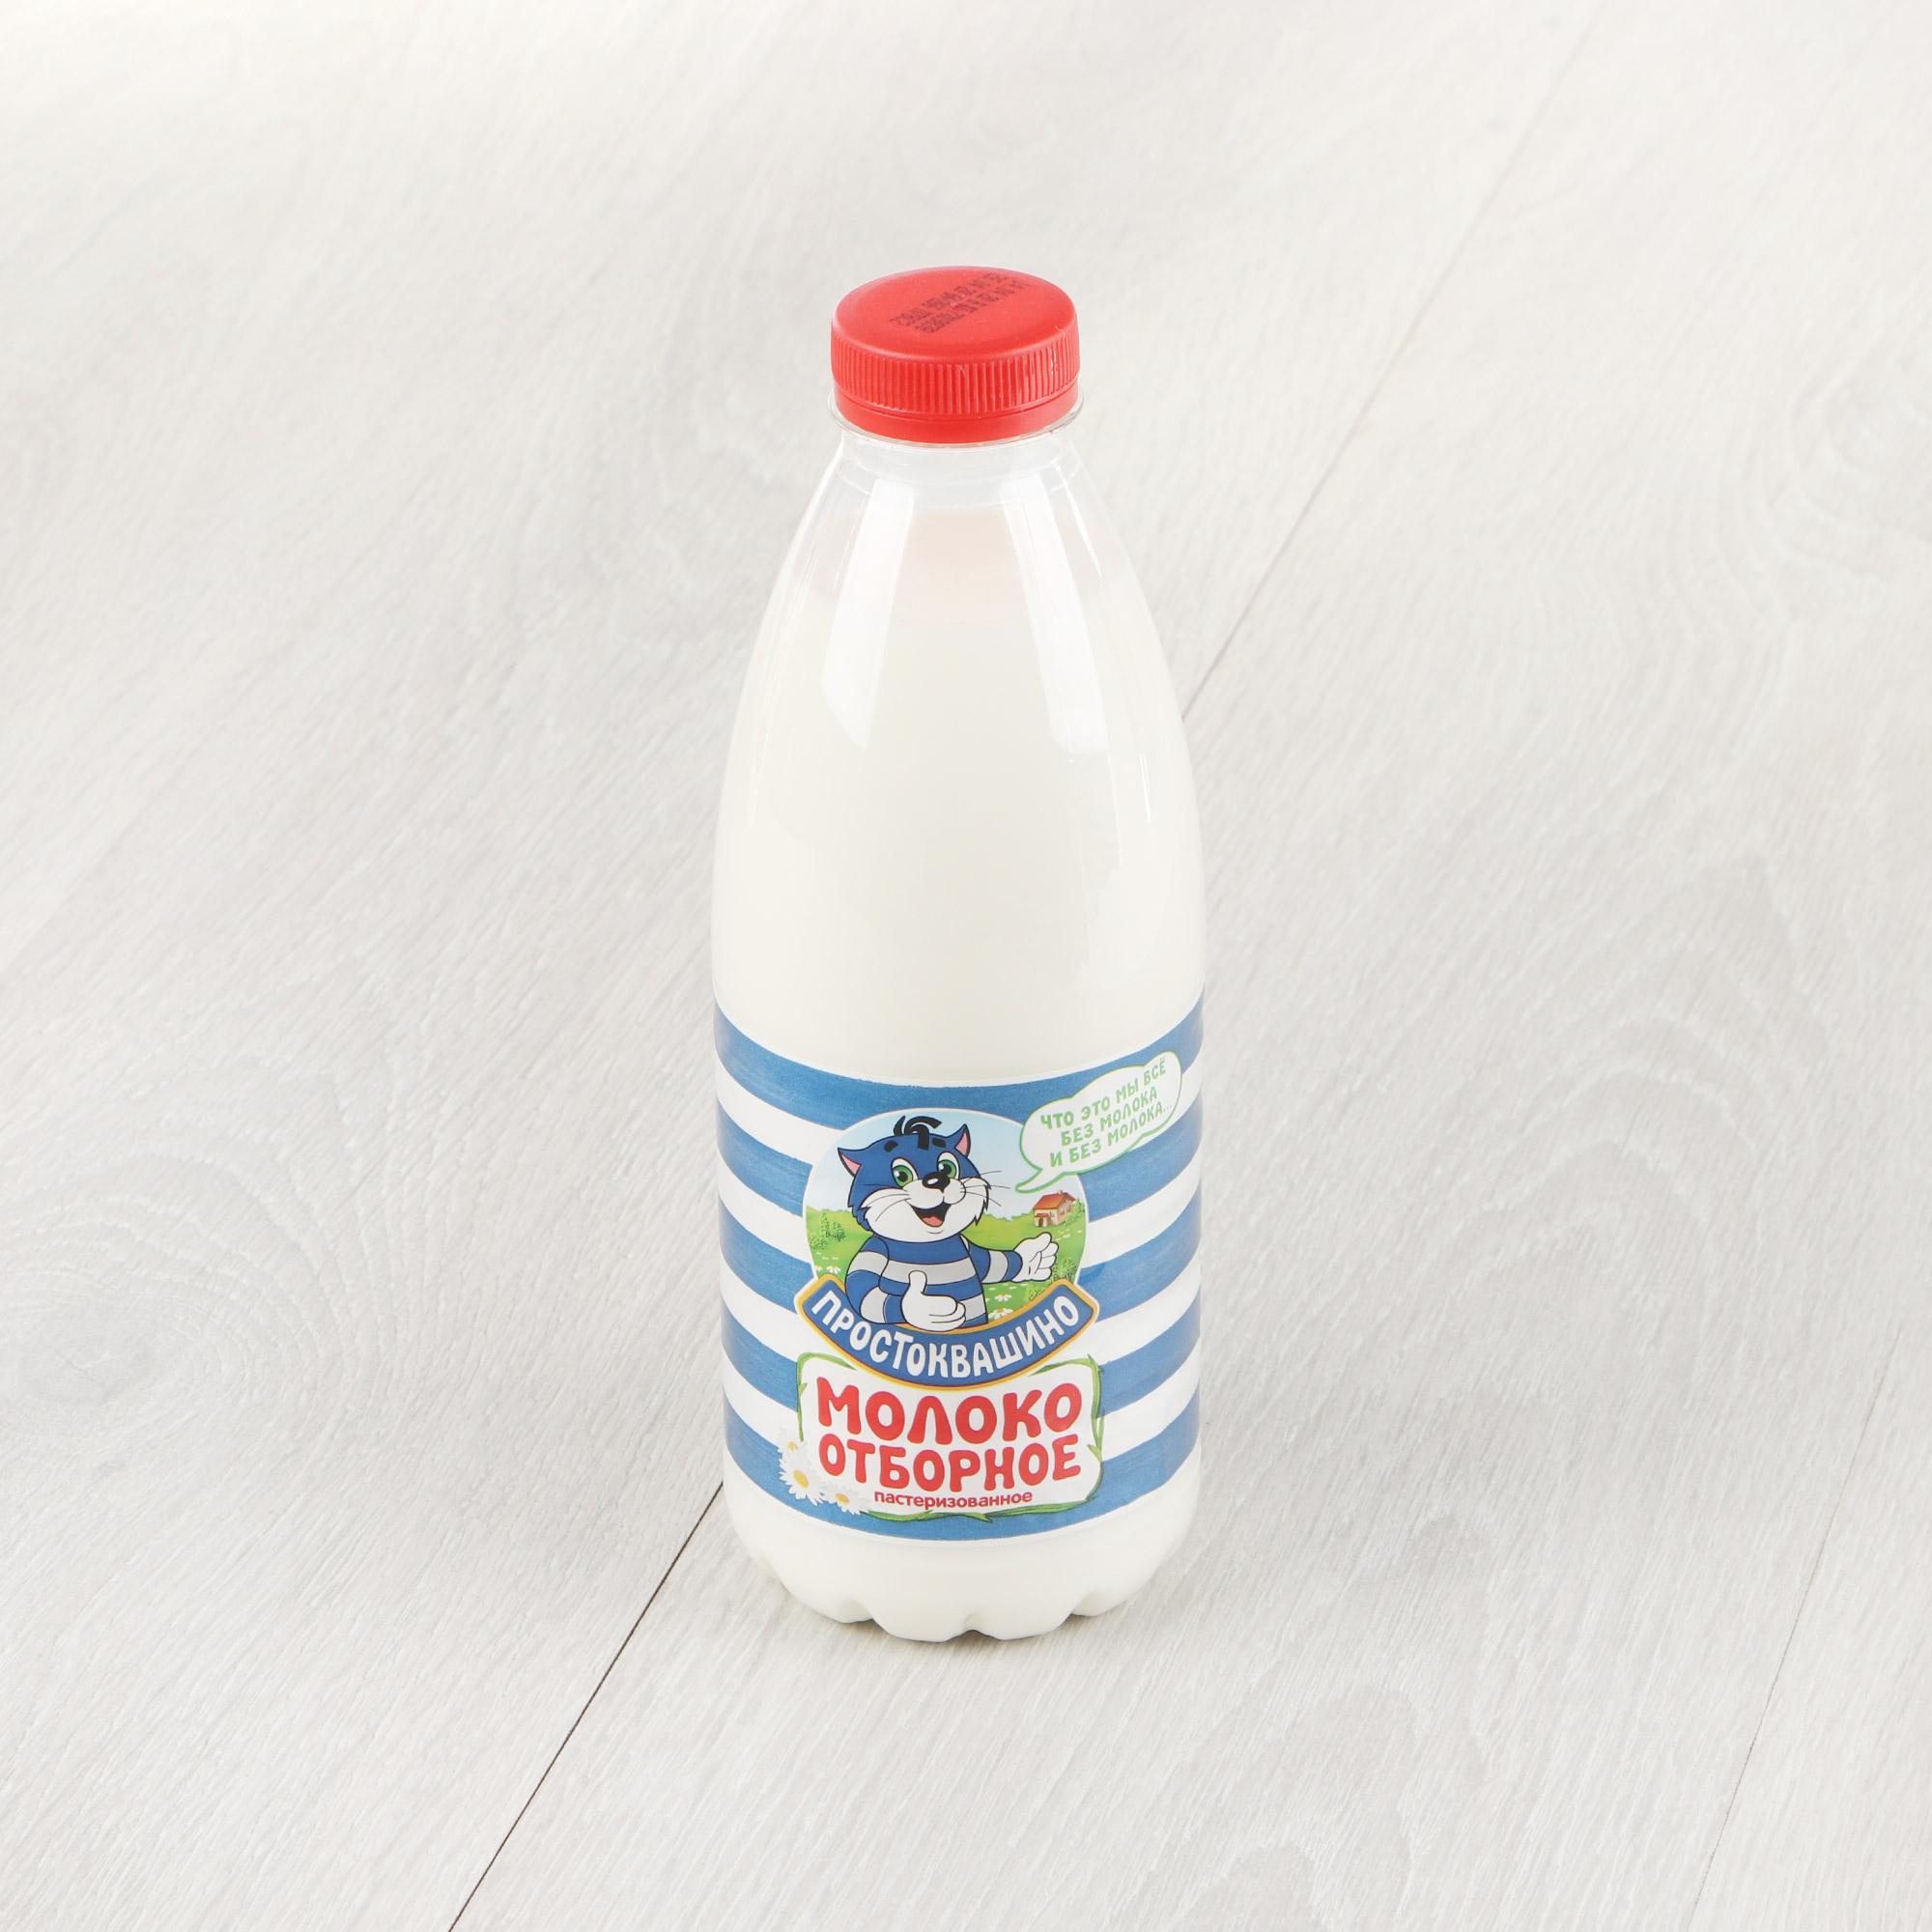 Молоко Простоквашино отборное пастеризованное 3,4-6% 930 г недорого